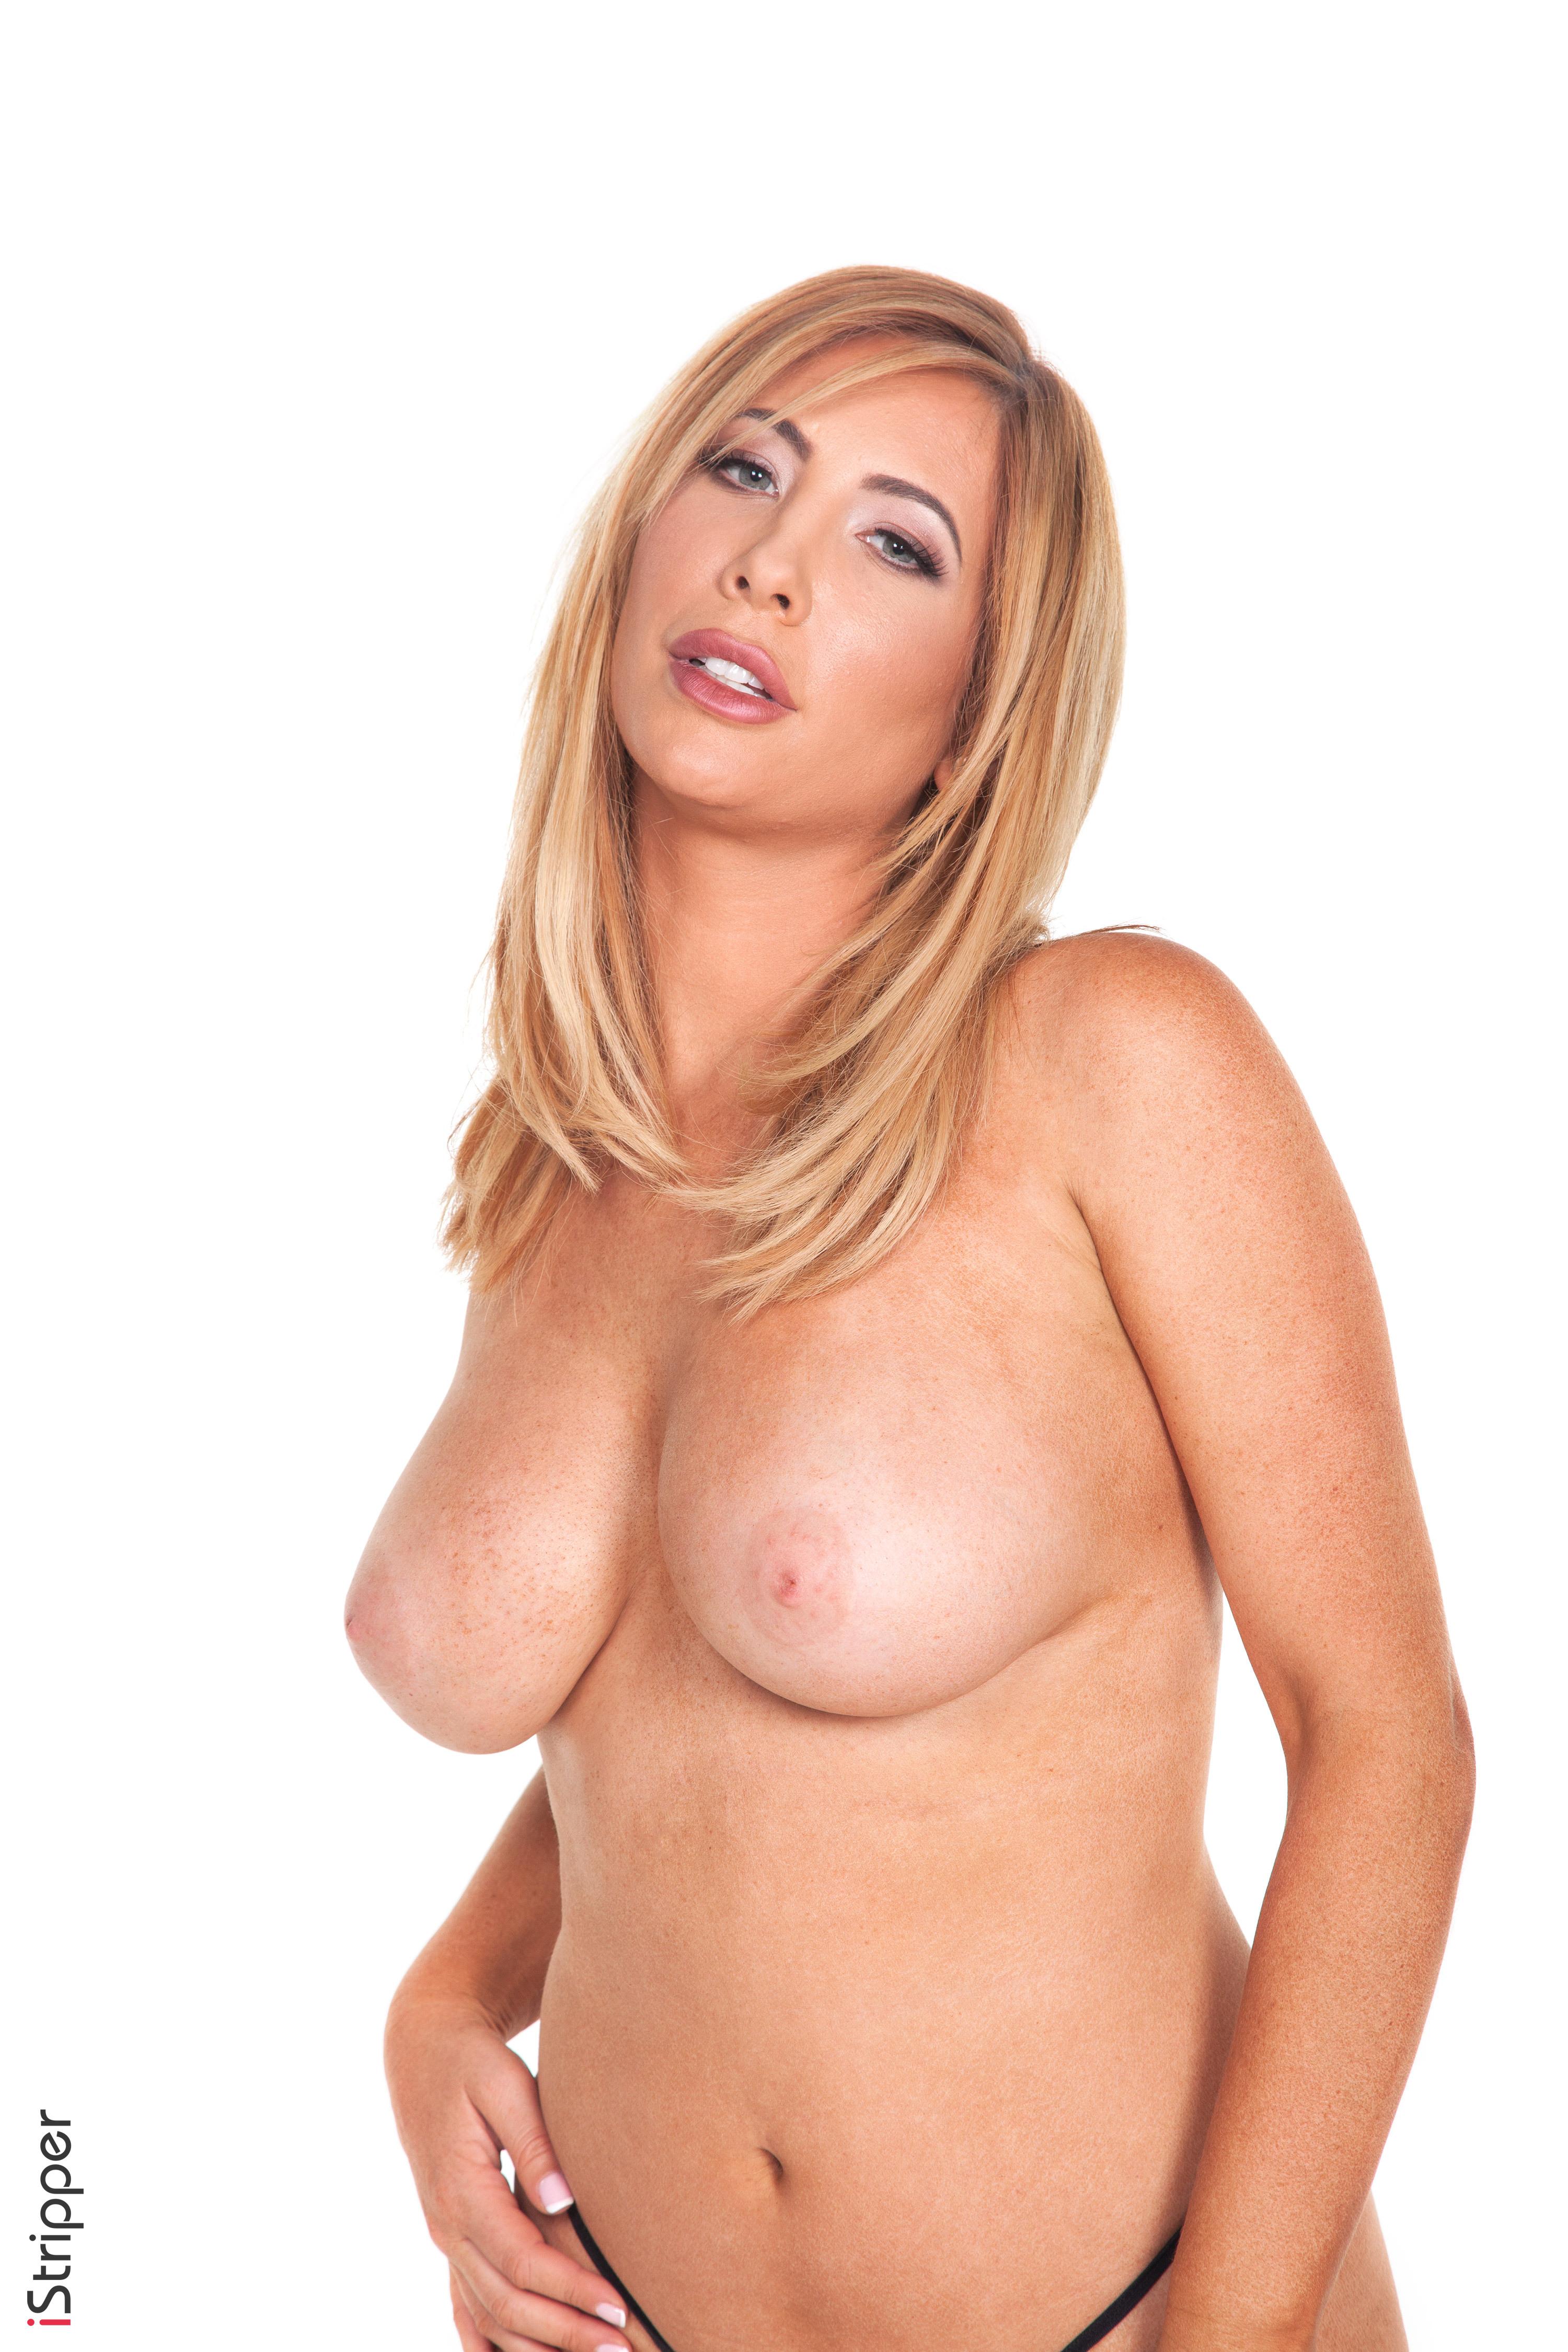 hd porno wallpaper